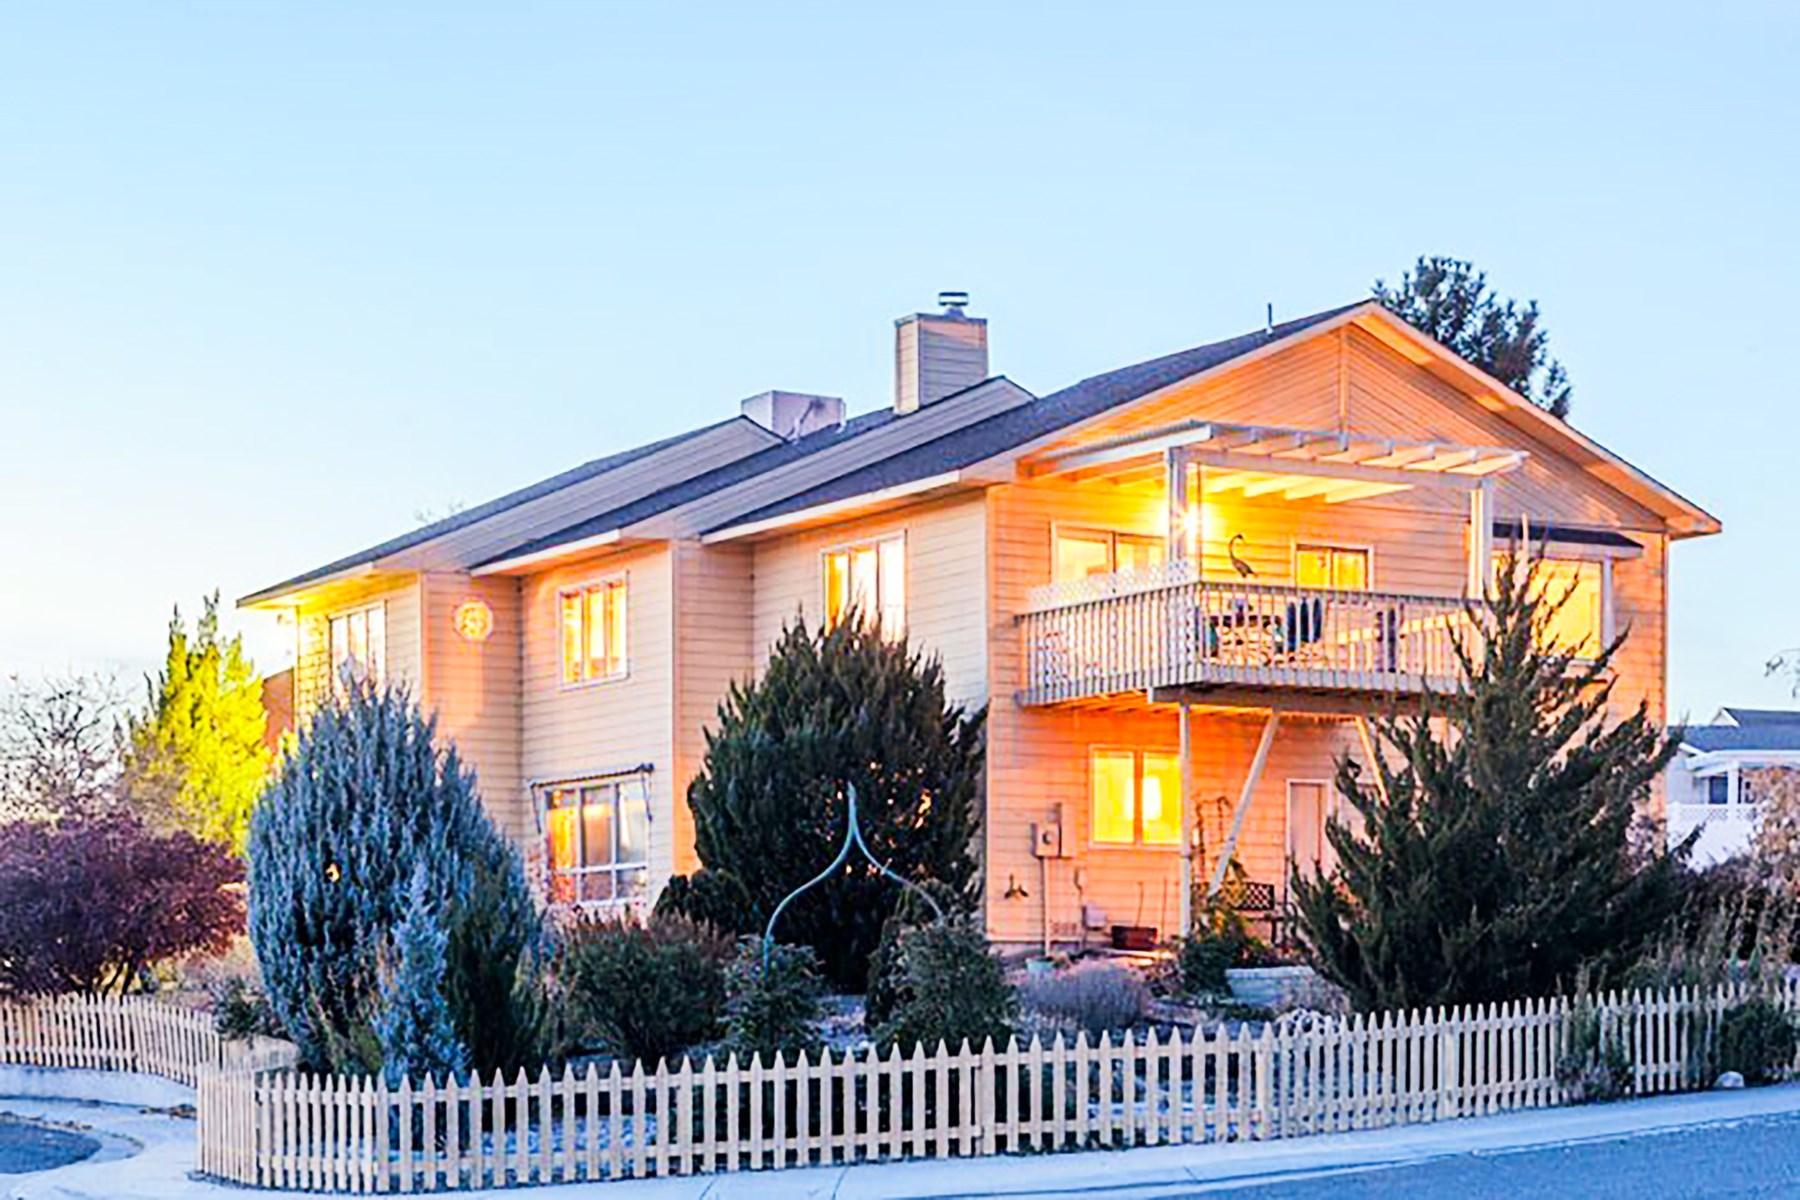 Colorado Home for Sale